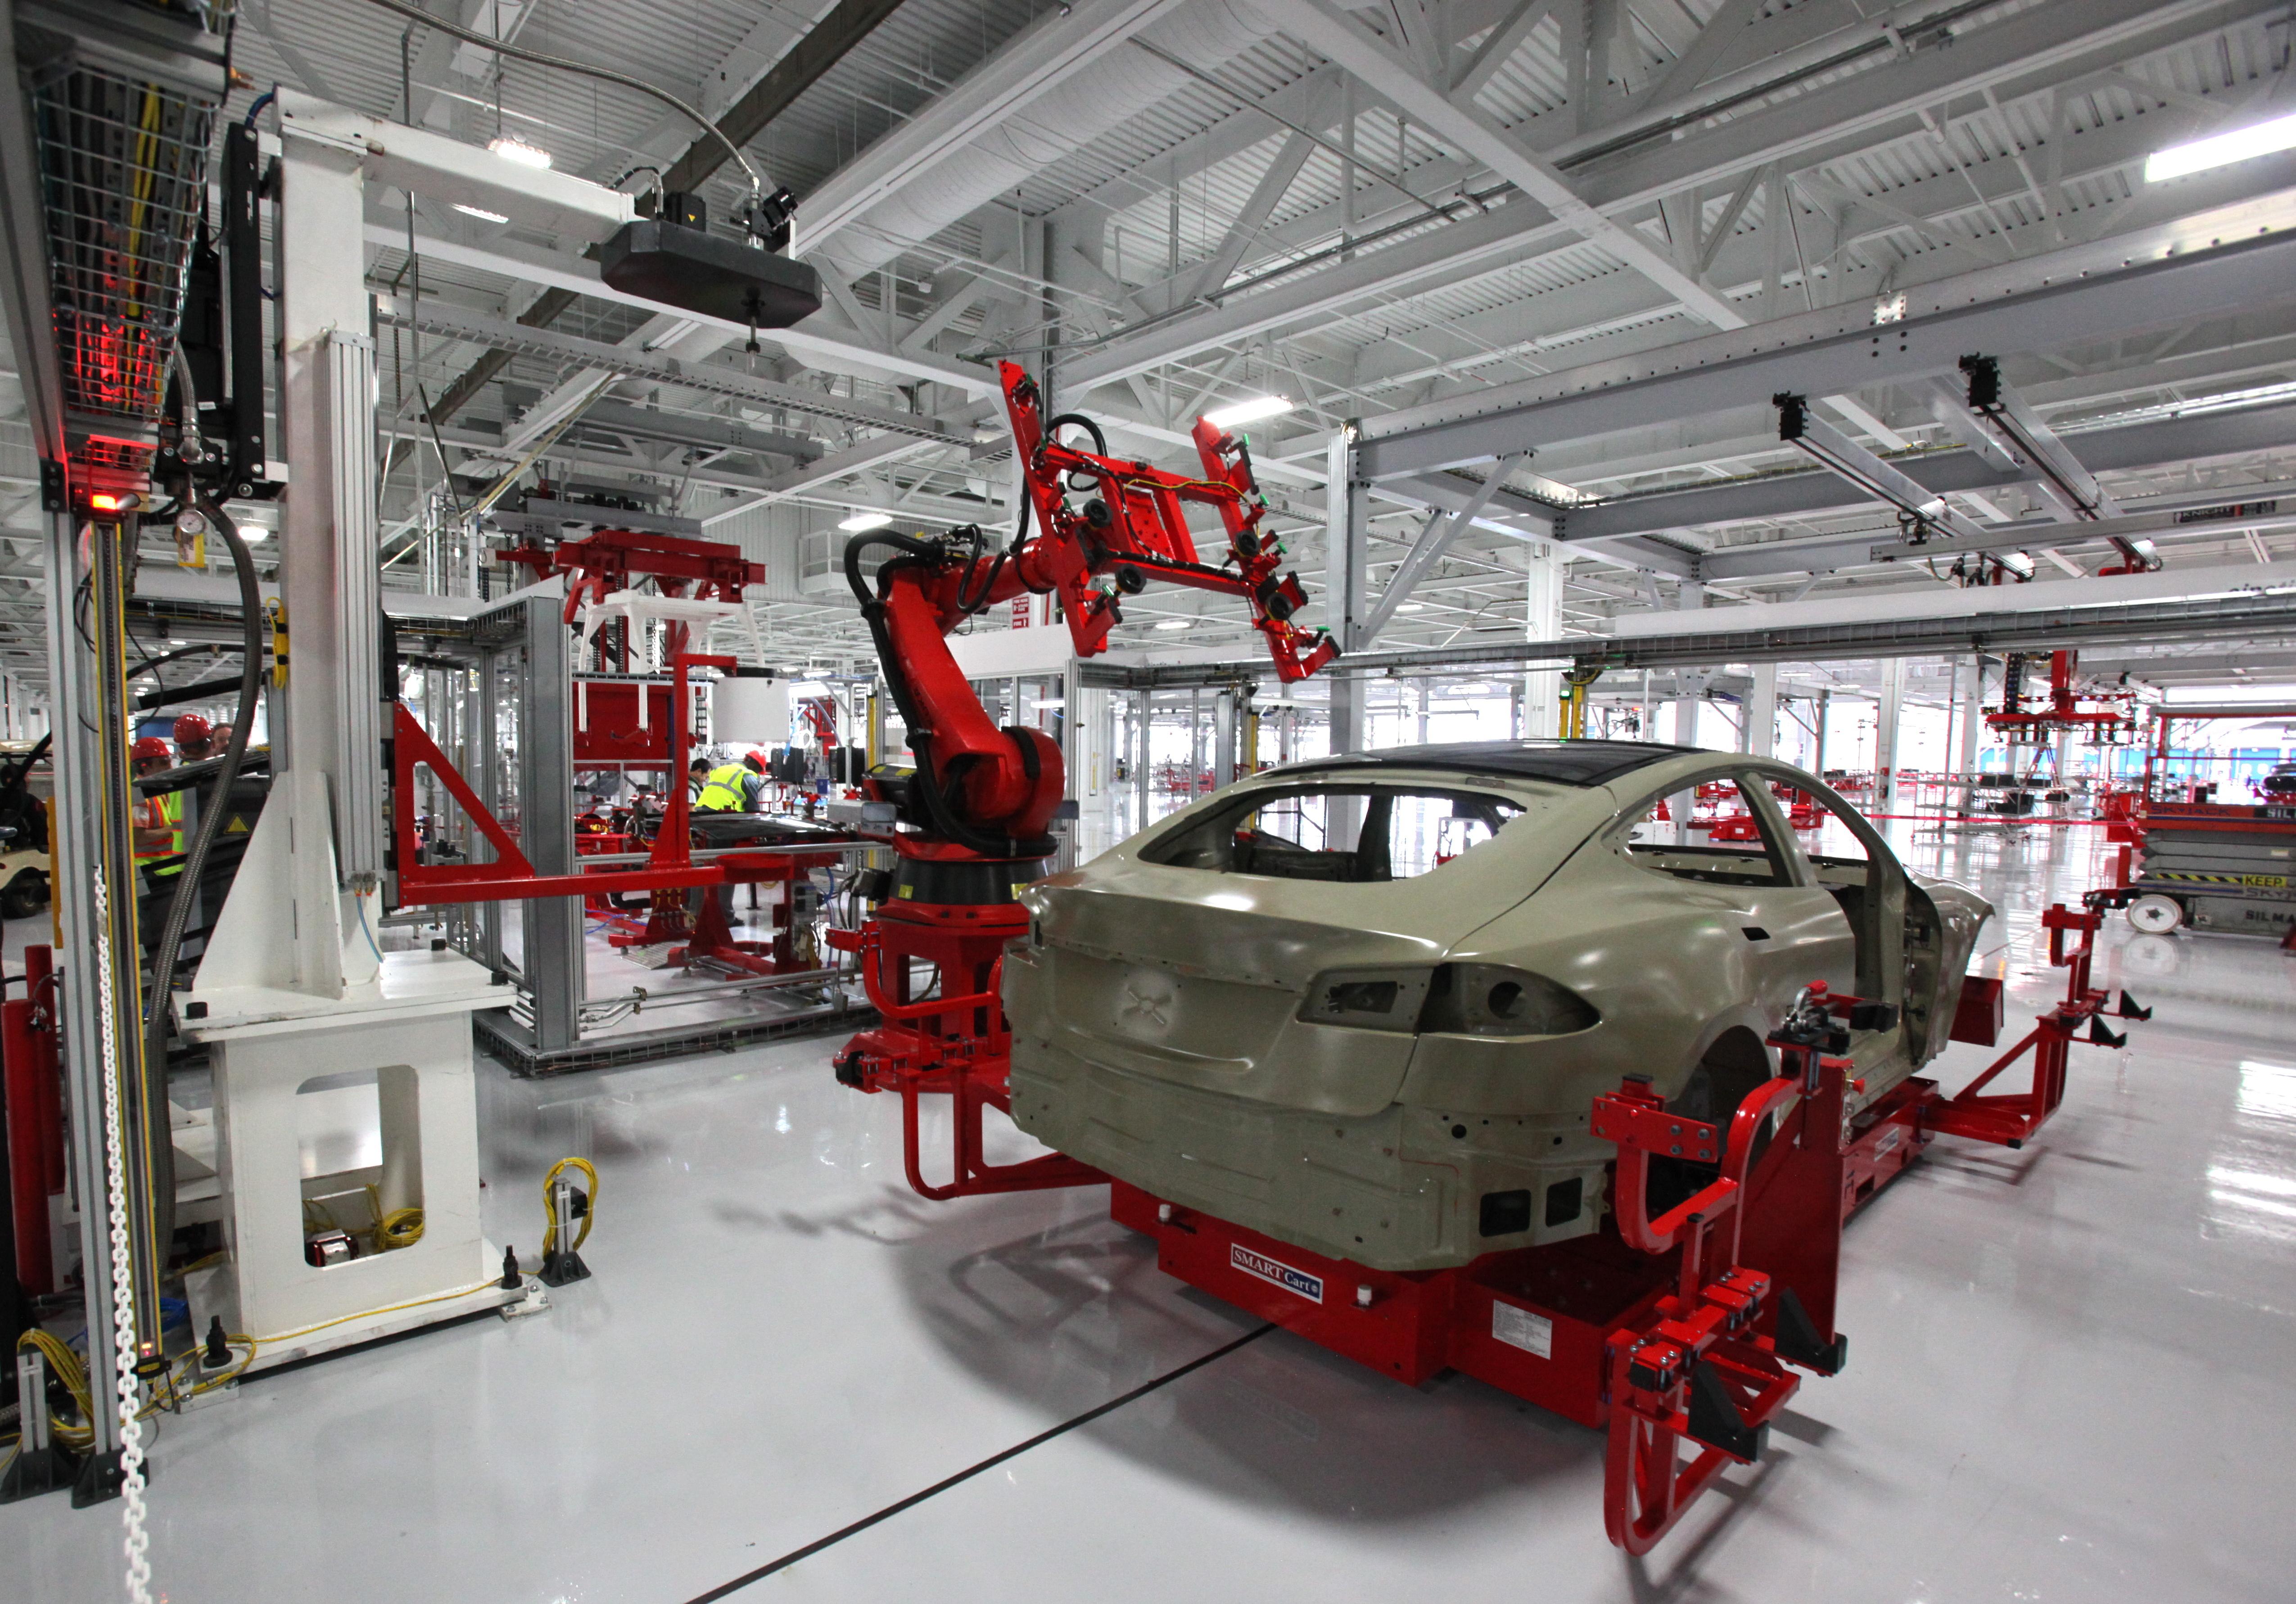 Tesla Autobots